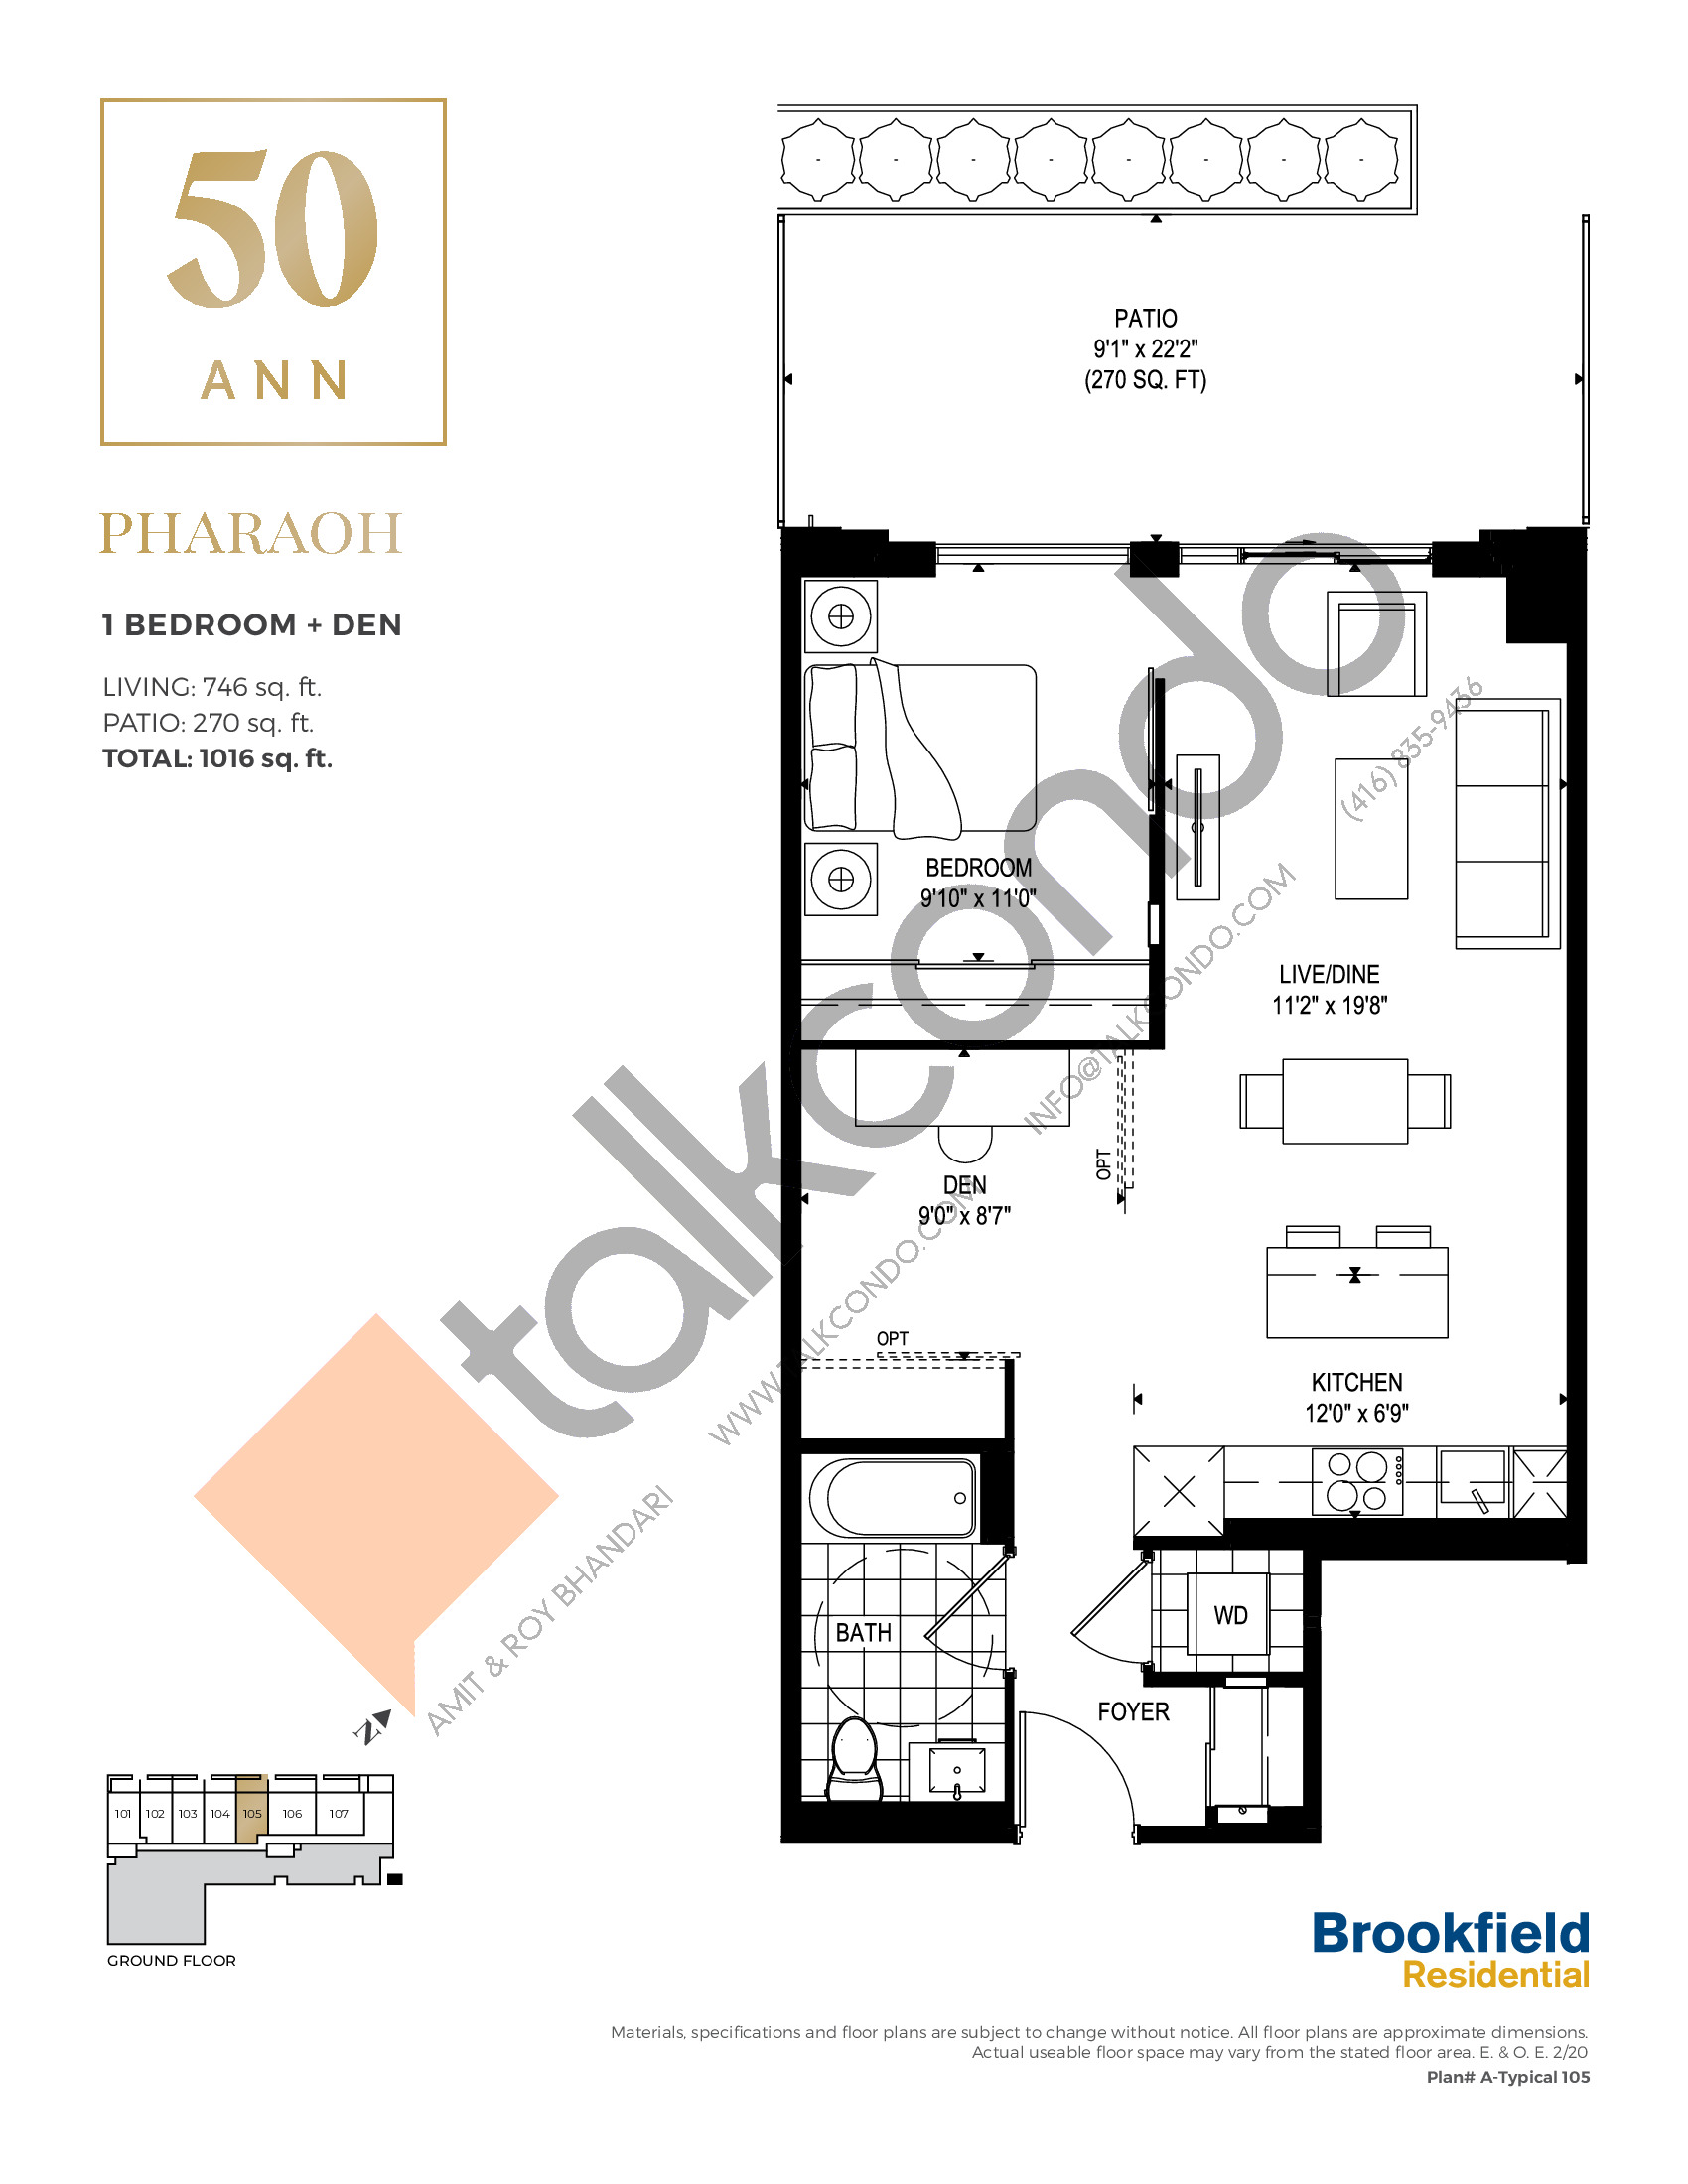 Pharaoh Floor Plan at 50 Ann Condos - 746 sq.ft